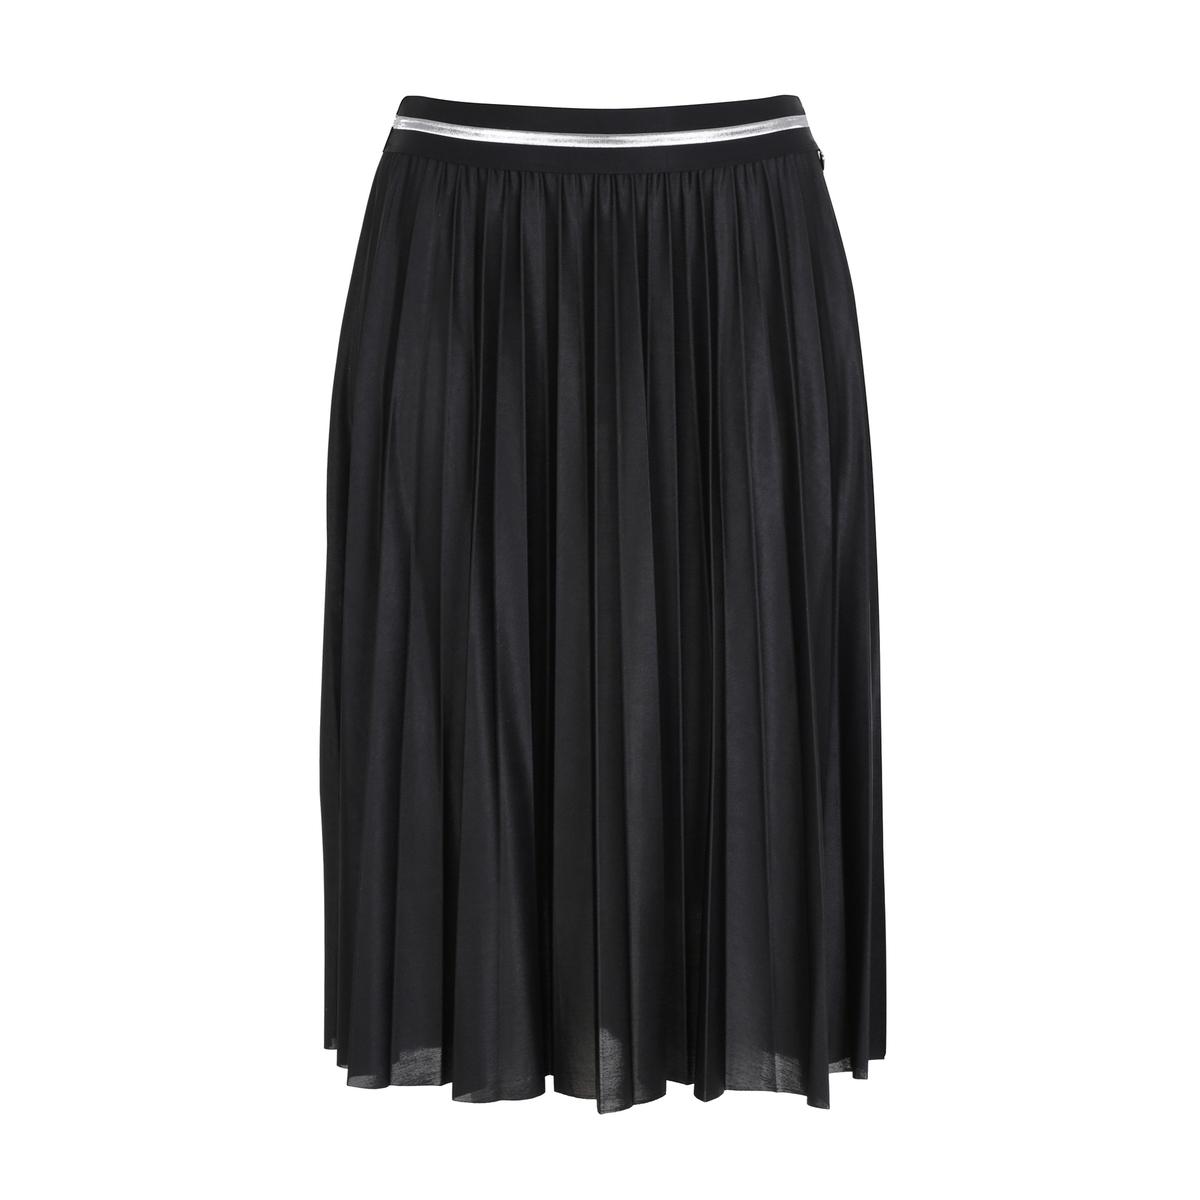 Юбка плиссированная и металлизированная юбка emka fashion